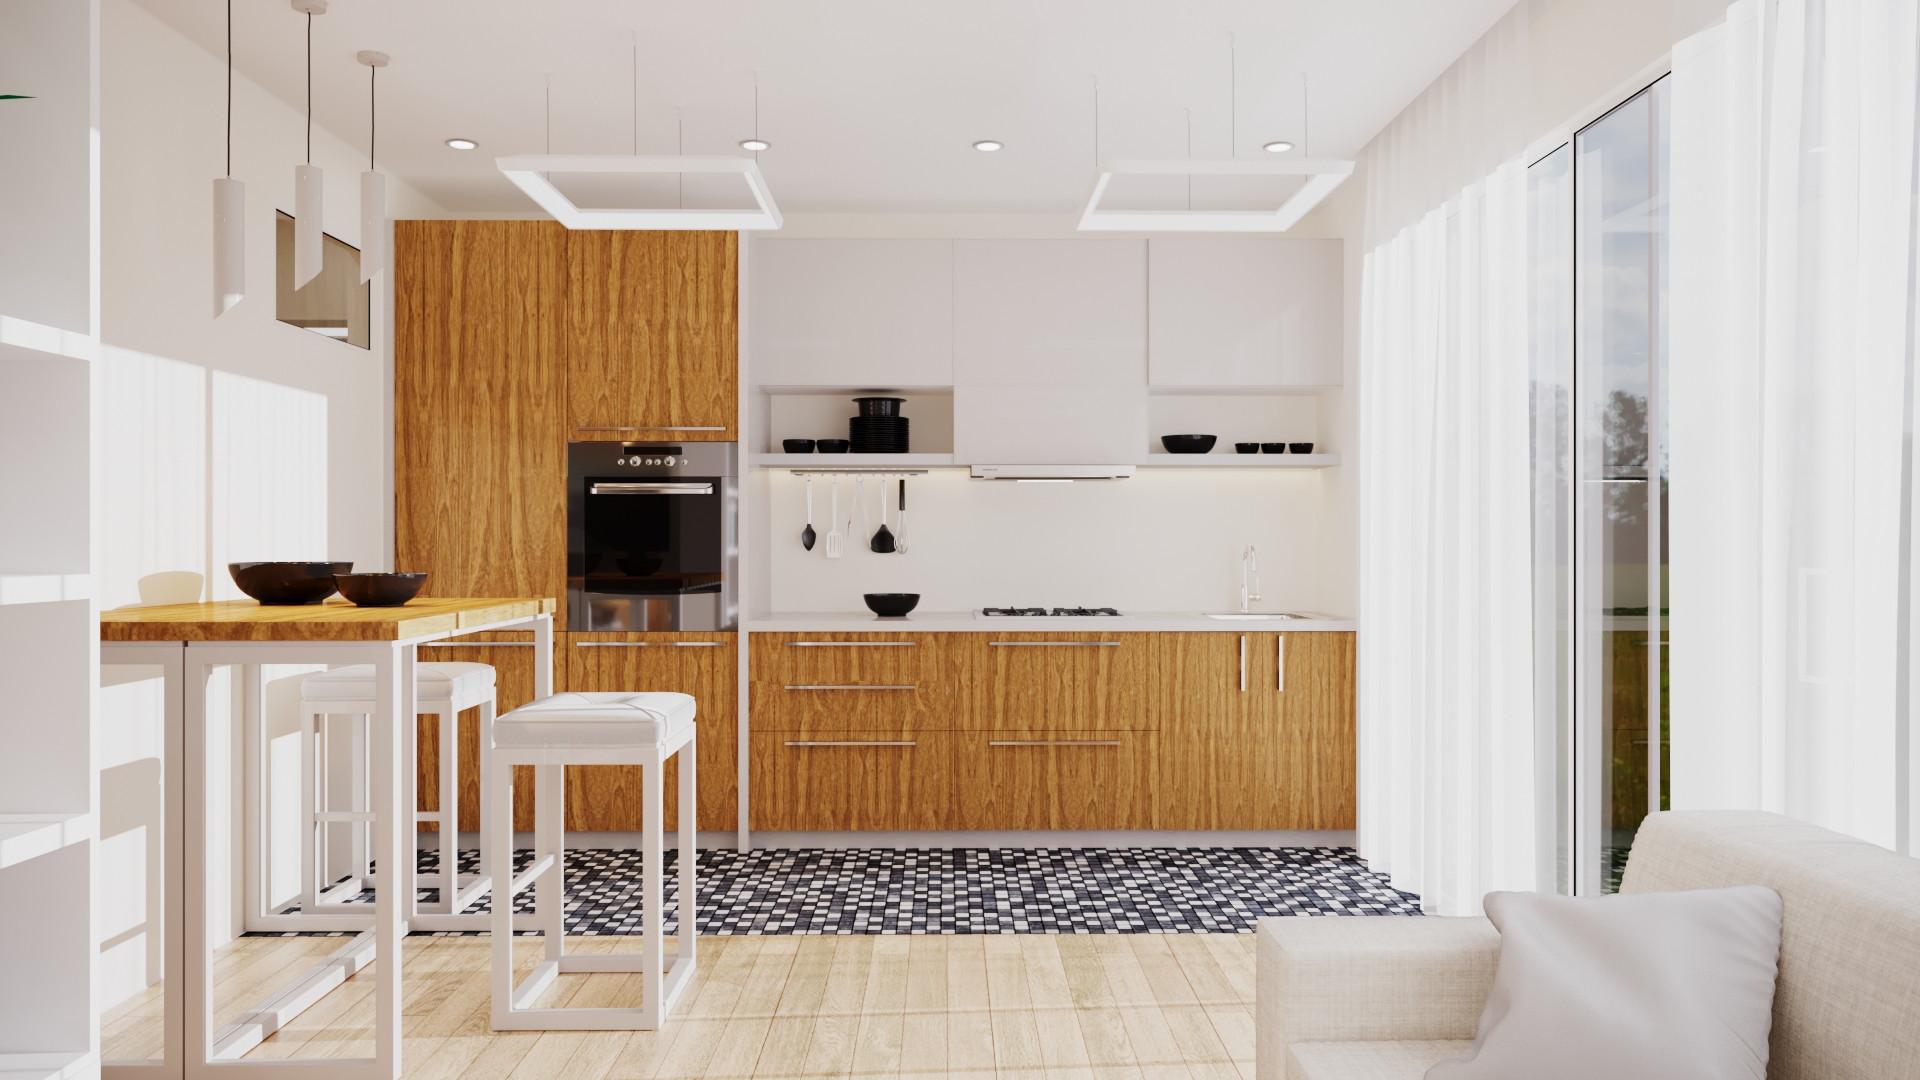 Garage Conversion Kitchen